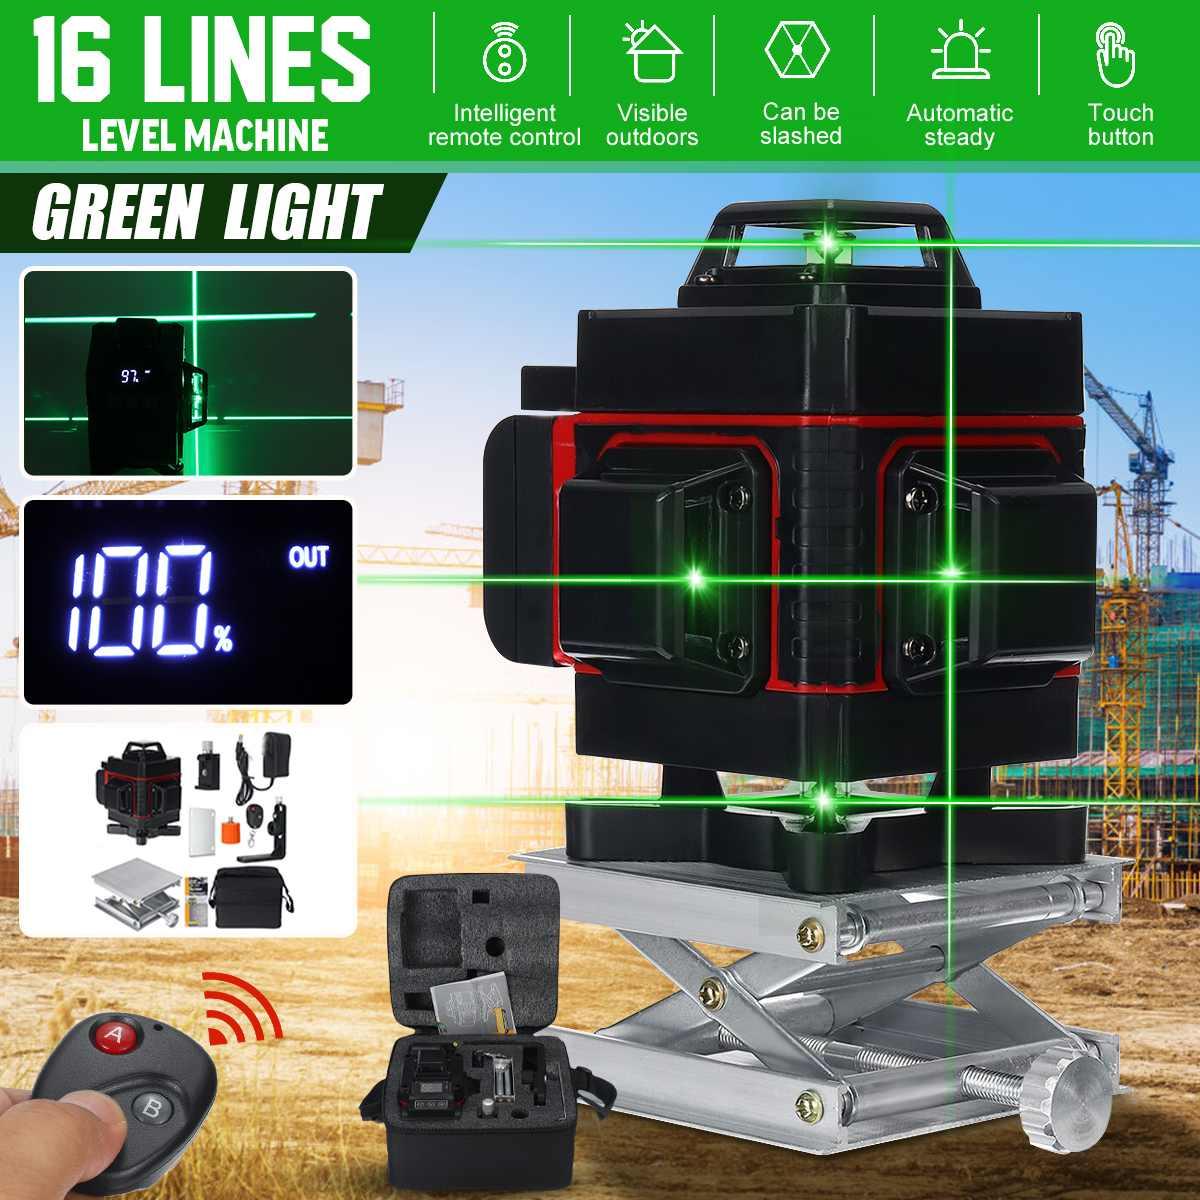 ZEAST 16 خطوط مستويات الليزر قوية شعاع أخضر ضوء 4D الذاتي التسوية 360 مستوى أفقي و ليزر عمودي